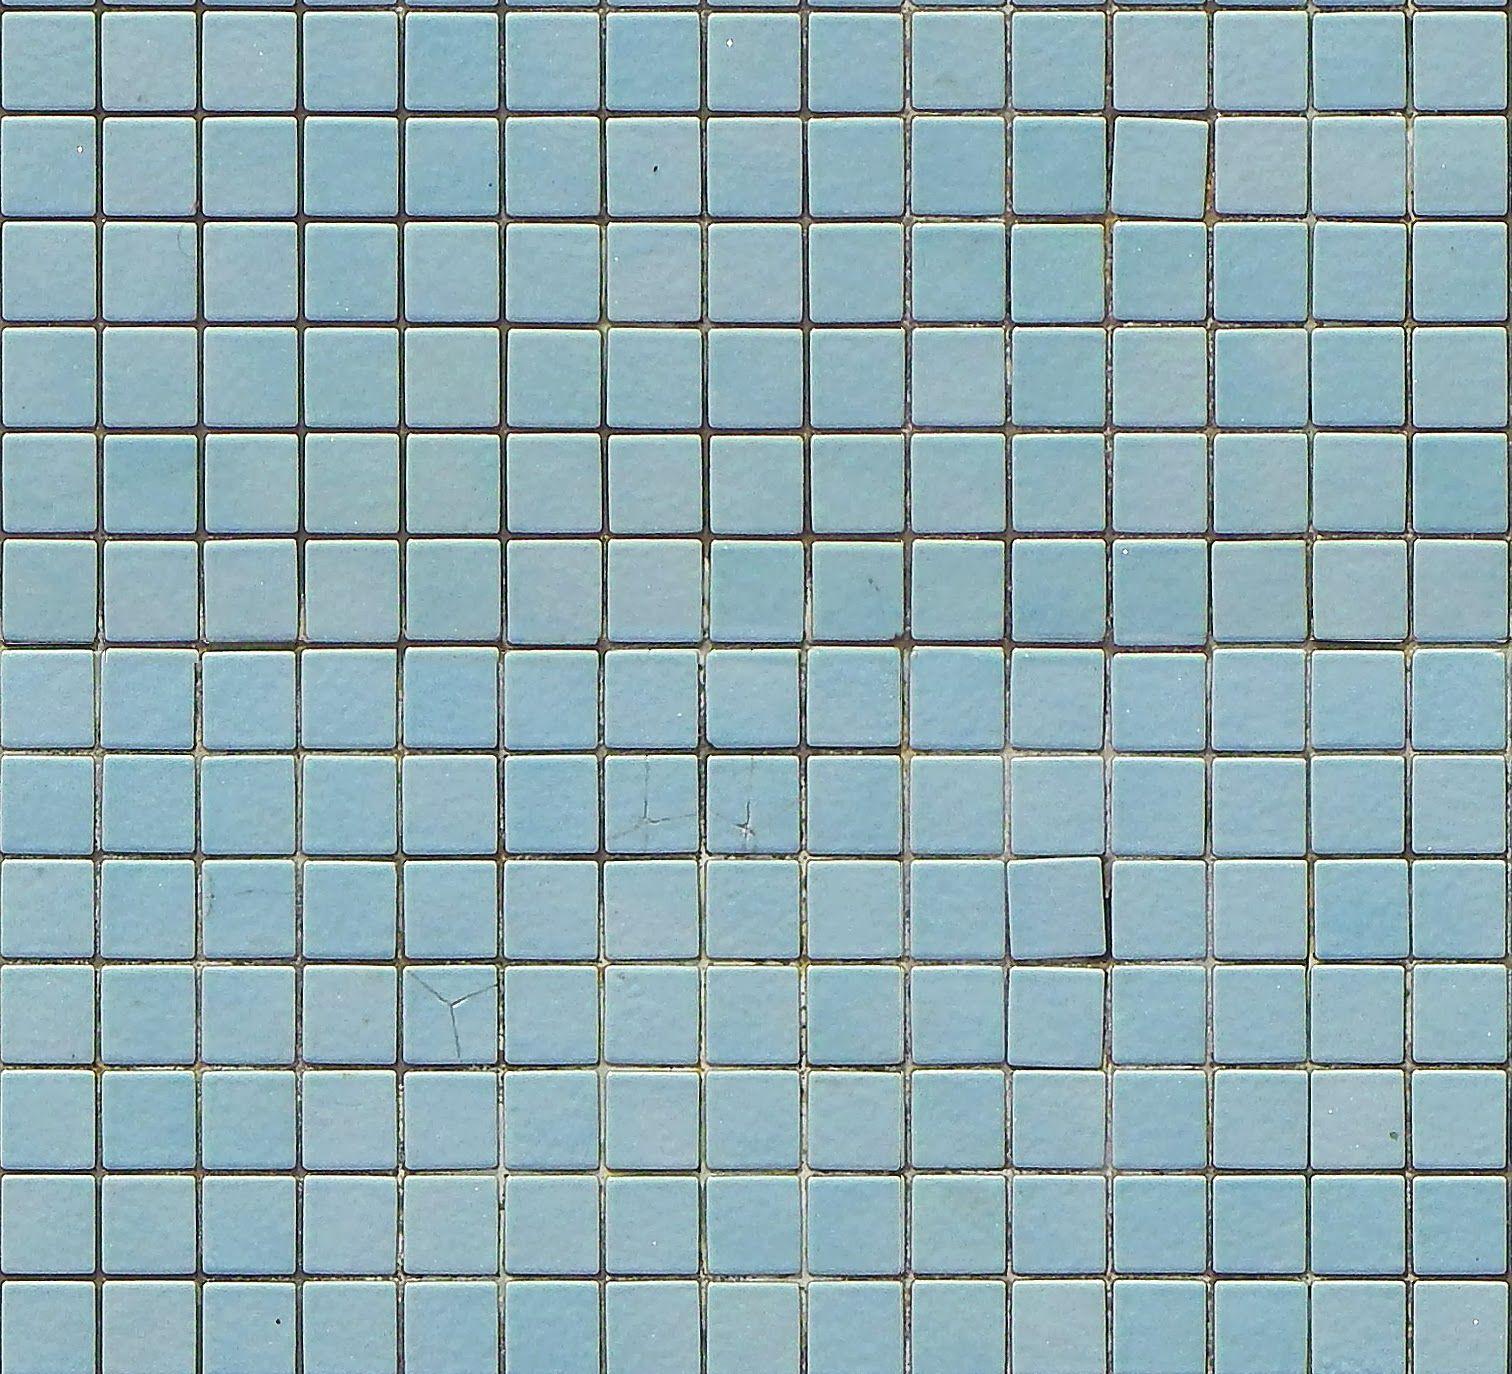 Tileable Blue Mosaic Pool Tiles Texture Maps Texturise